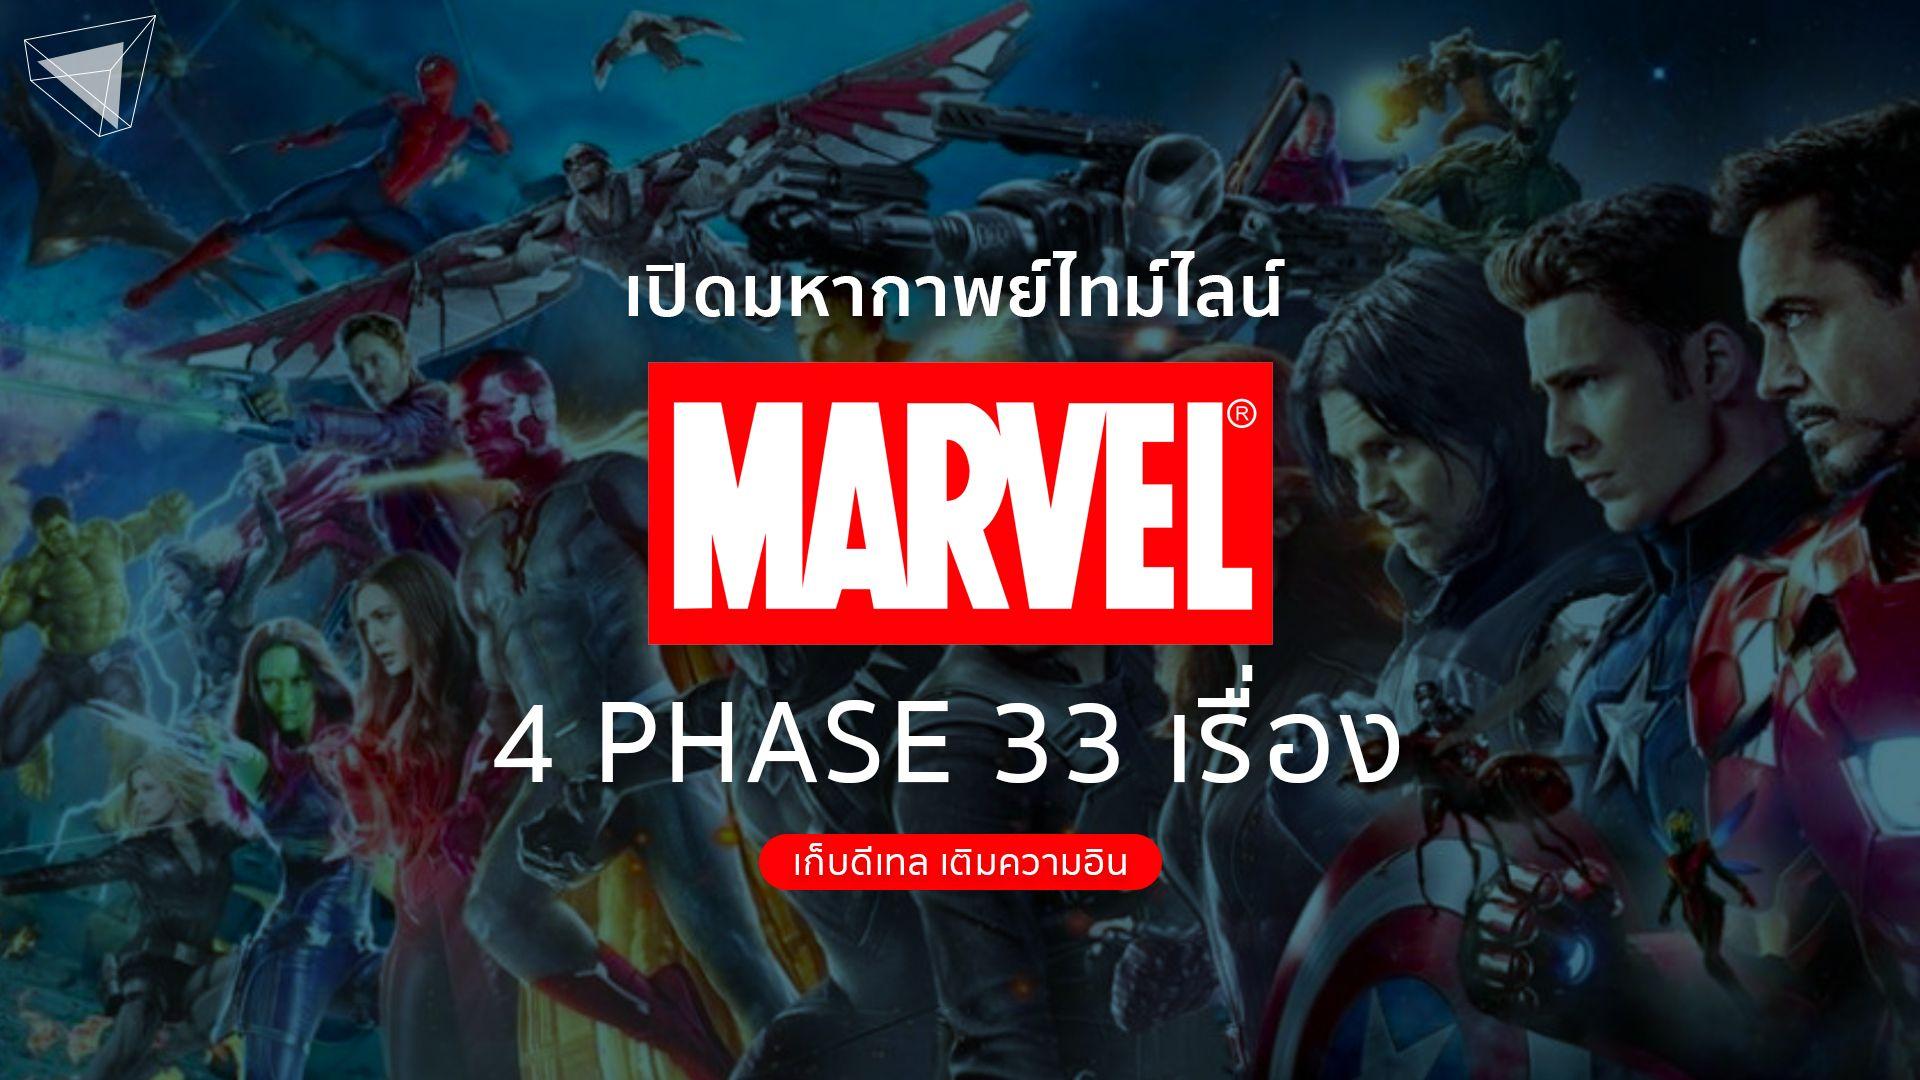 หนัง Marvel หนังมาร์เวล